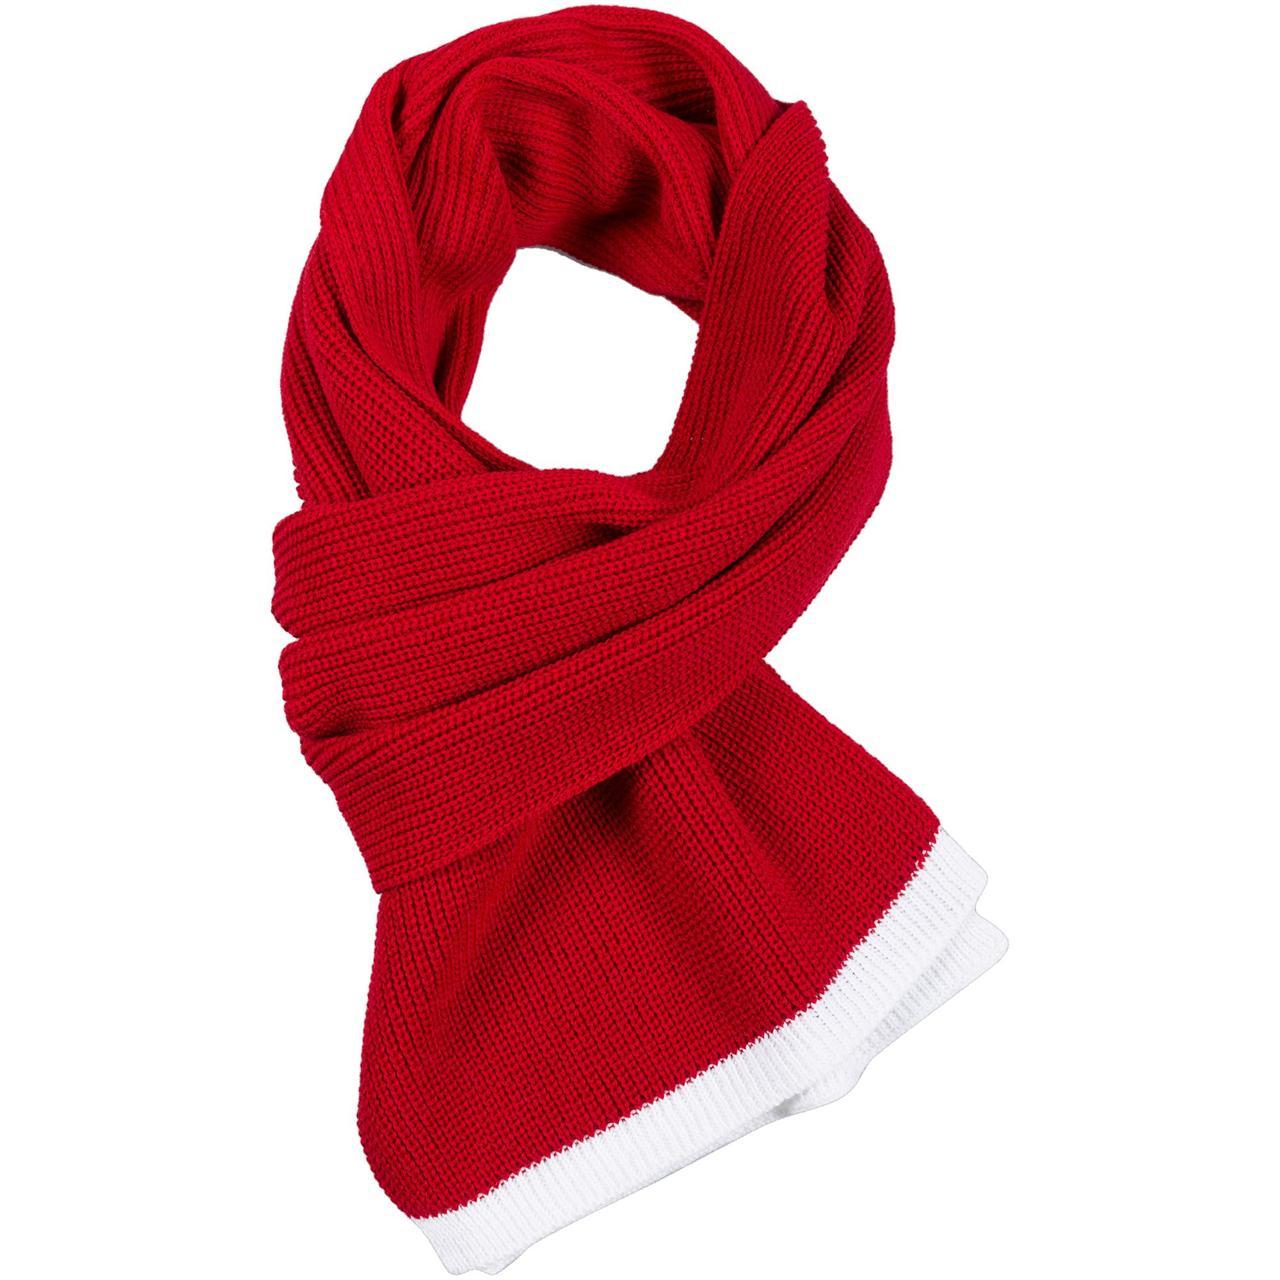 Шарф Amuse, красный с белым (артикул 7627.50)